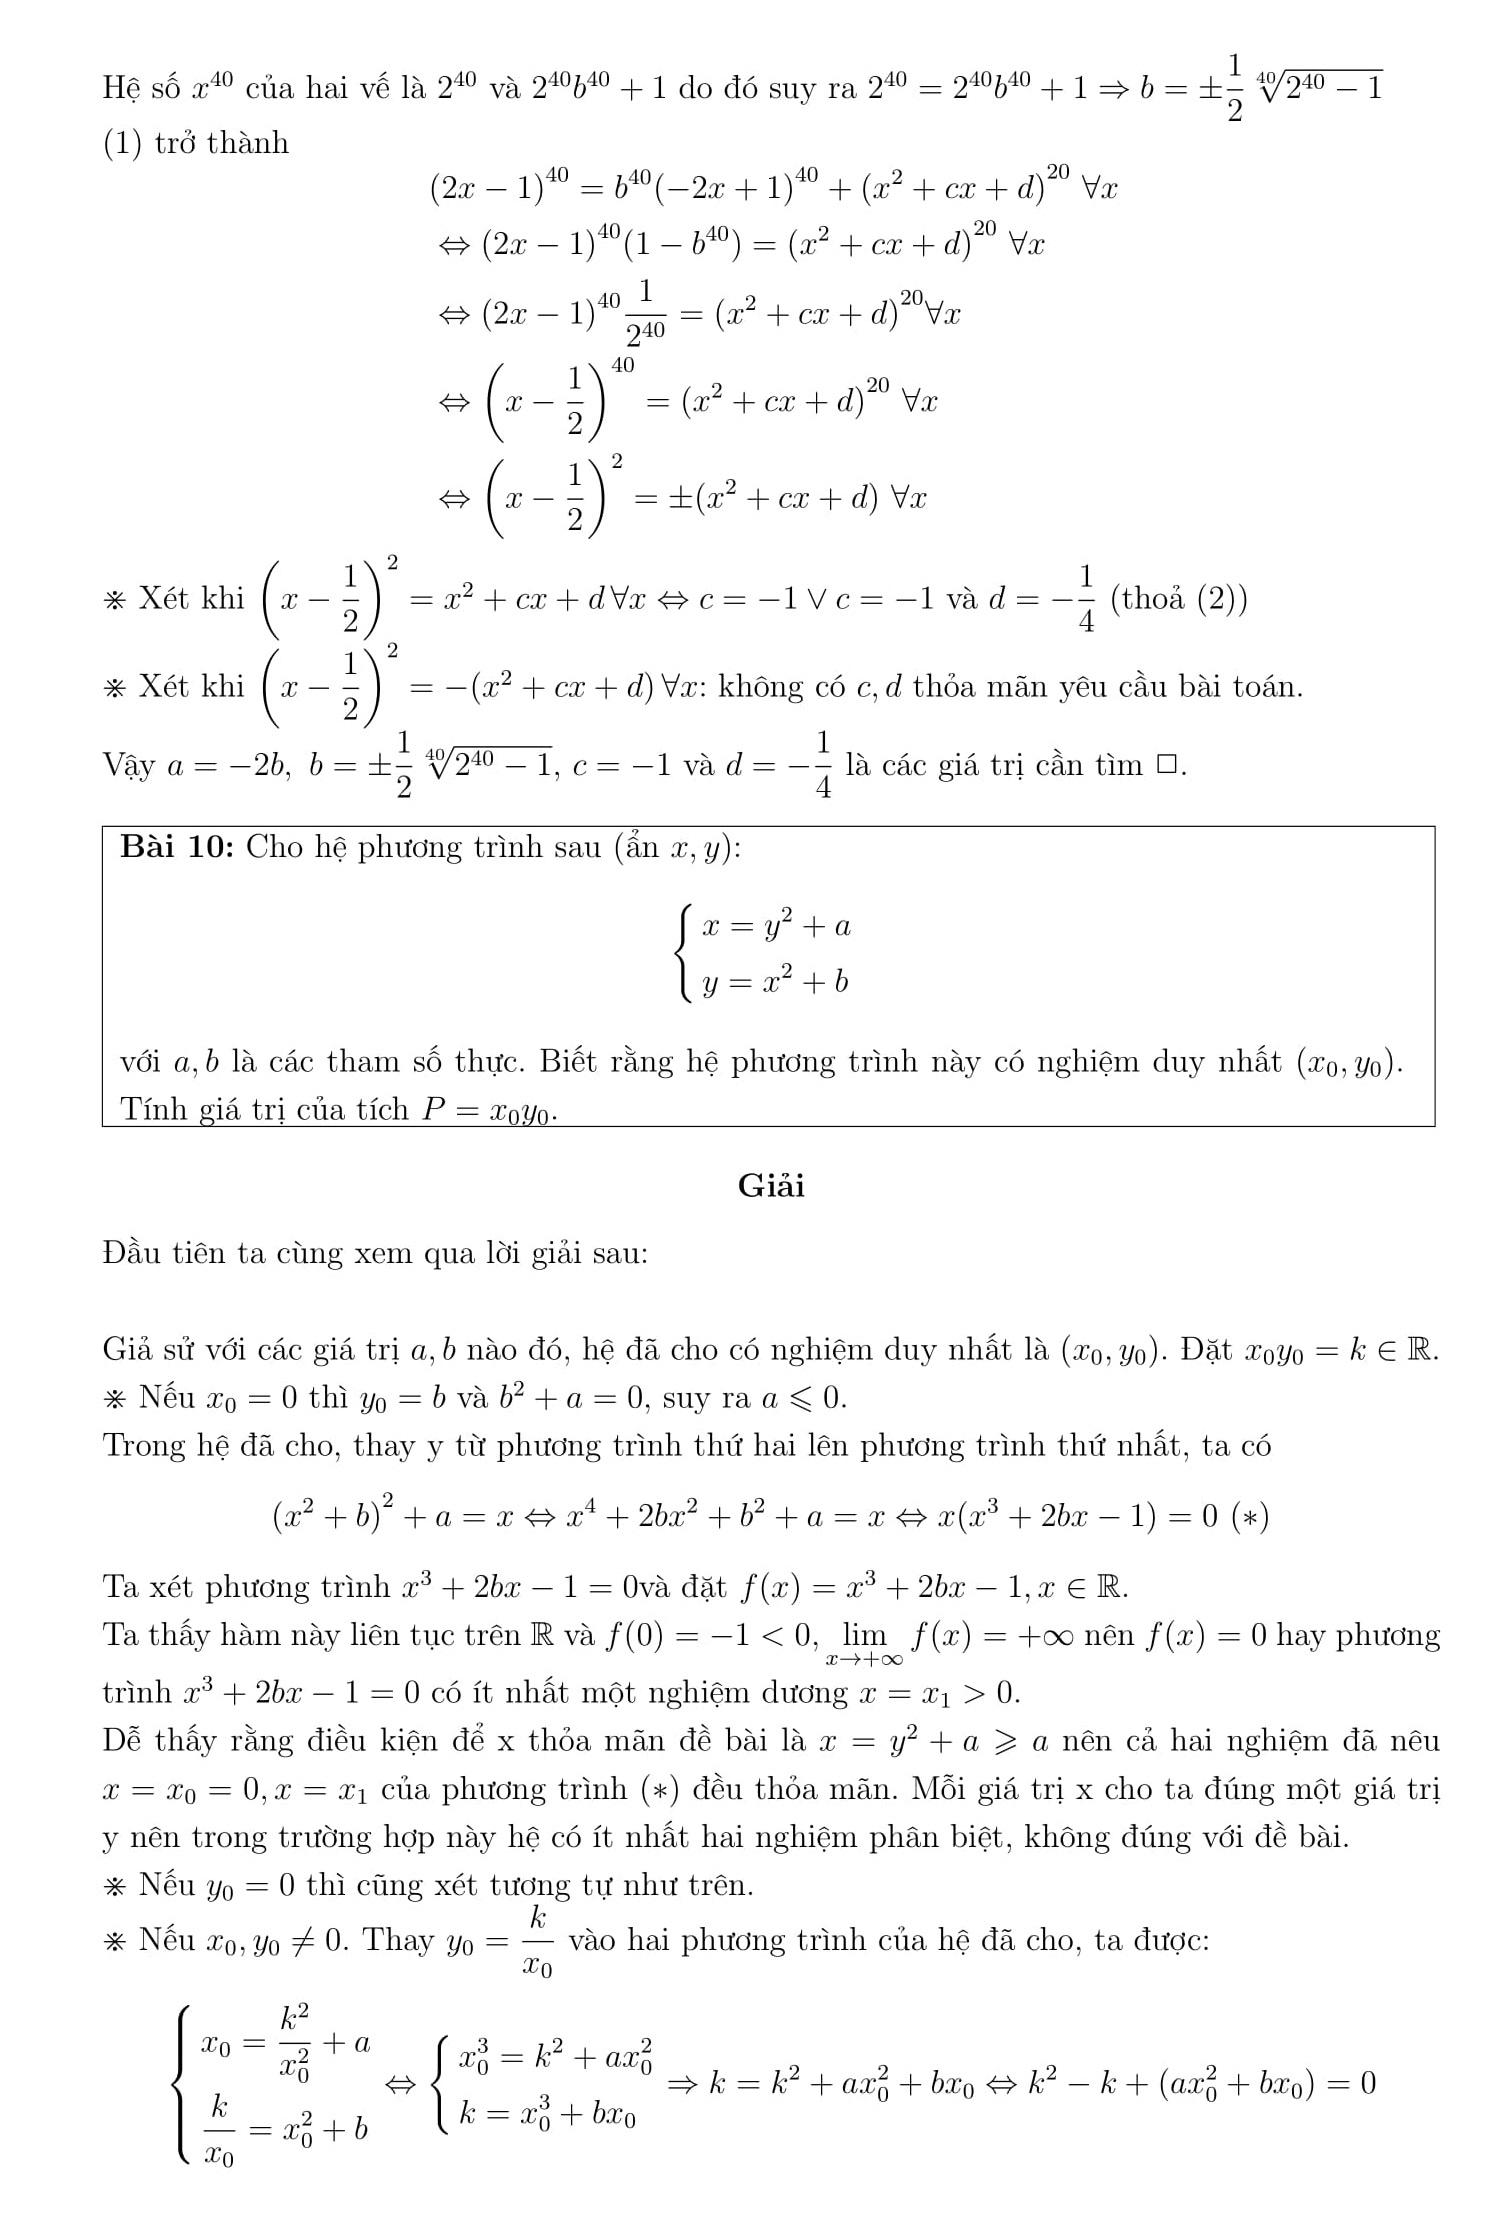 Phương trình và hệ phương trình phần 2 - Toán 12